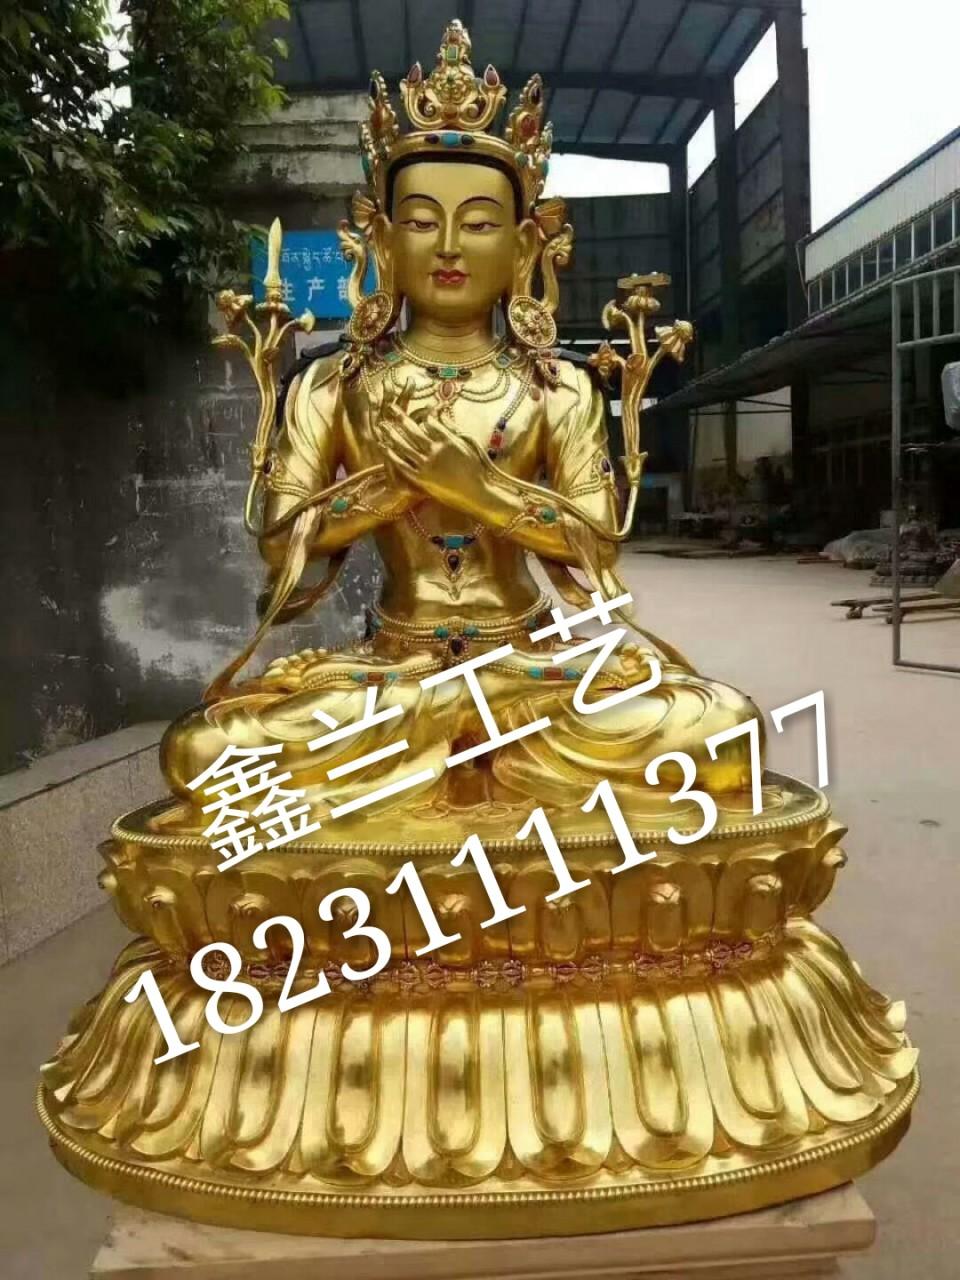 藏传佛教八大菩萨 藏传佛教八大菩萨金铜圣像